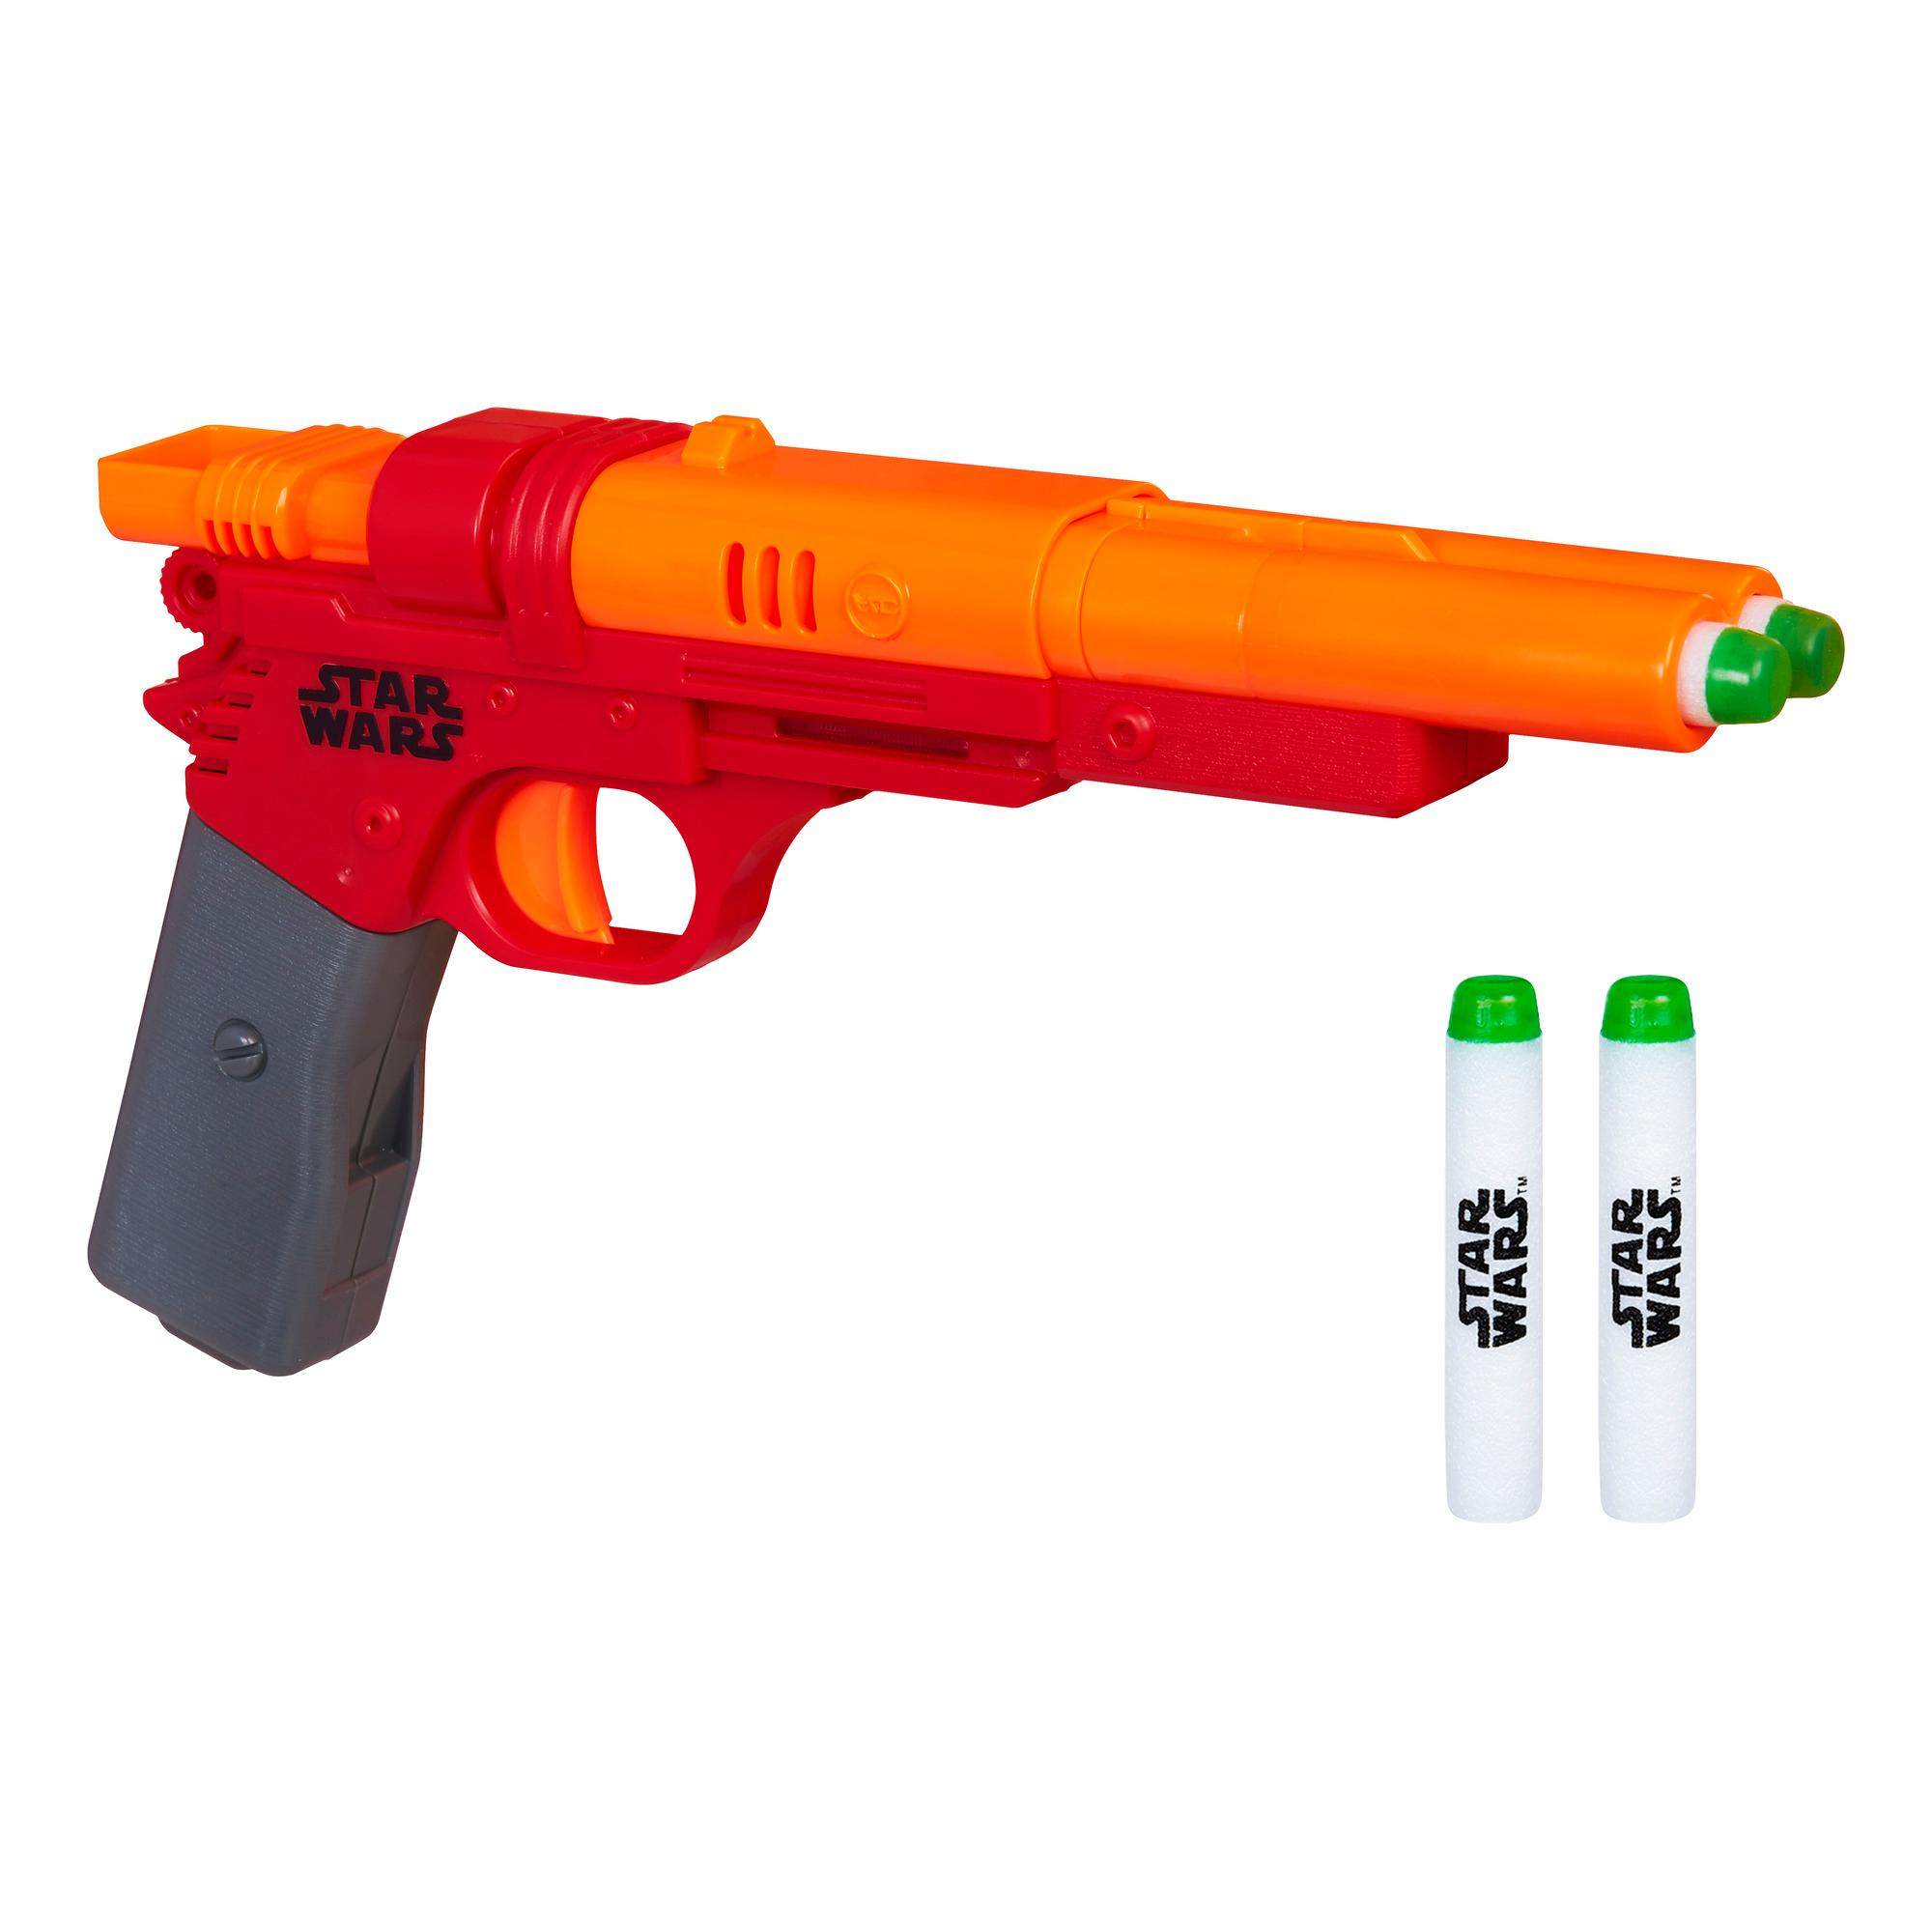 Star Wars Nerf Qi'Ra Blaster